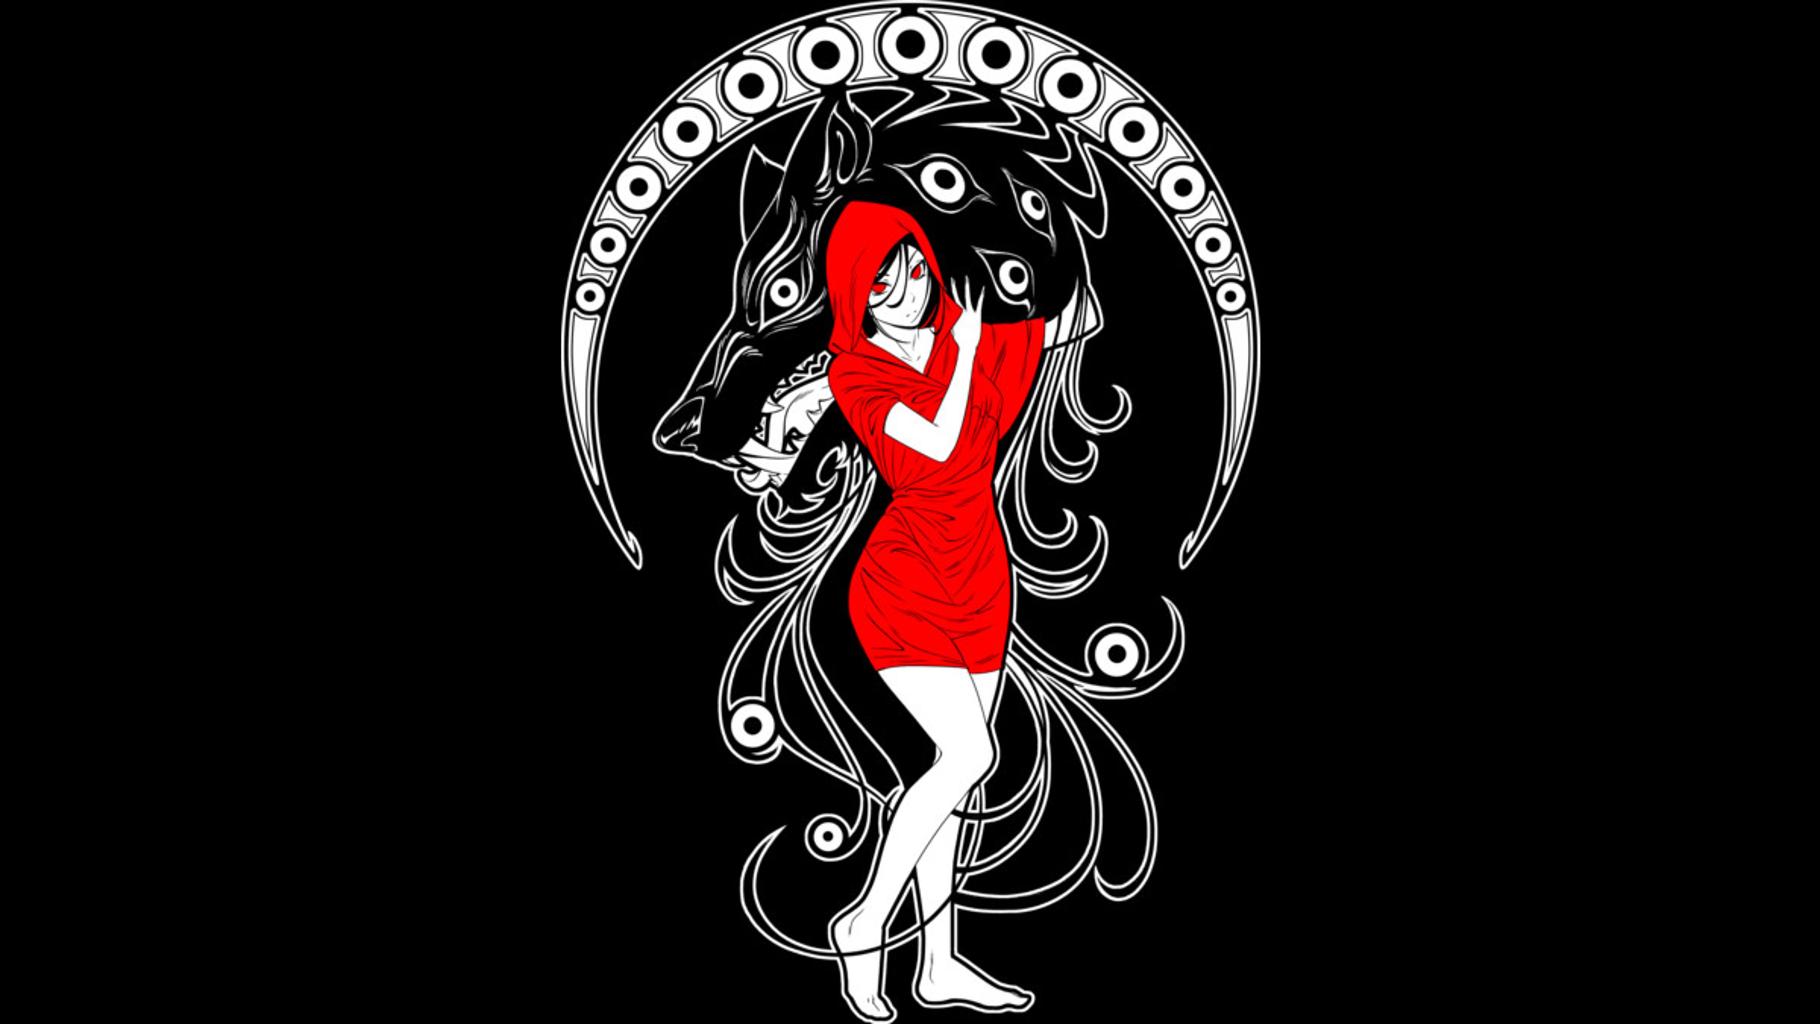 Design by Humans: Nouveau Red